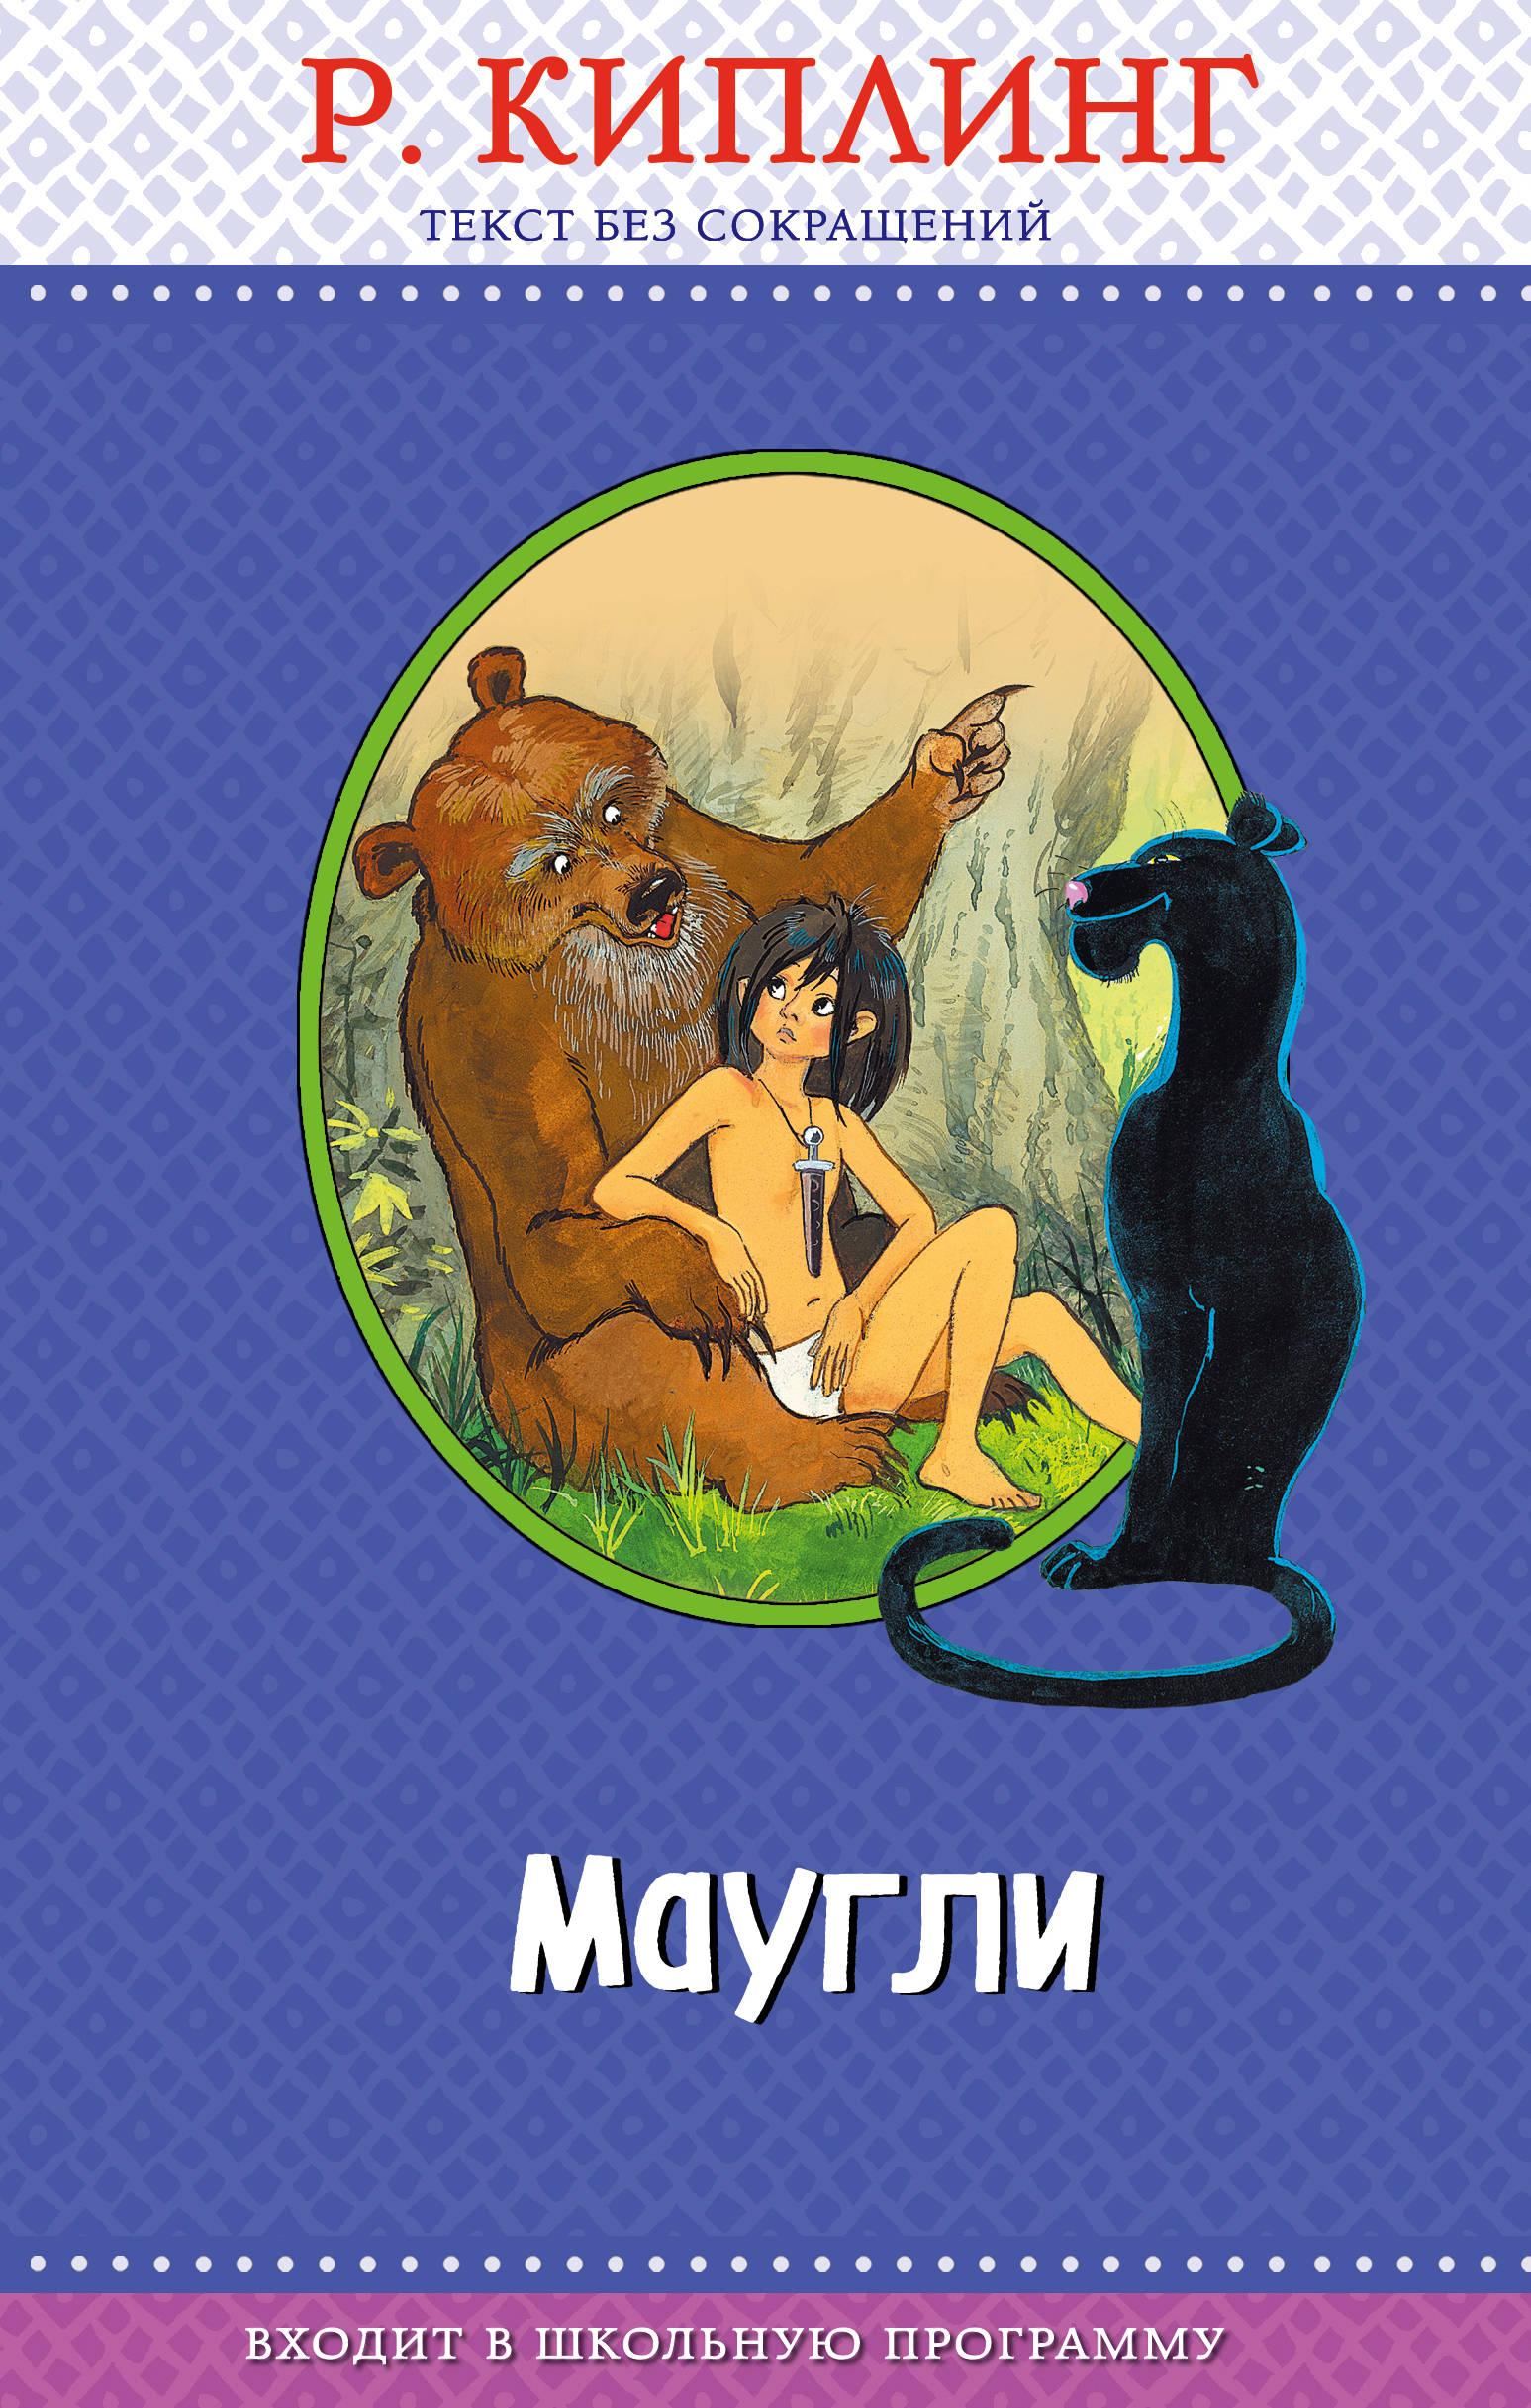 Маугли (ил. Т. Ляхович)